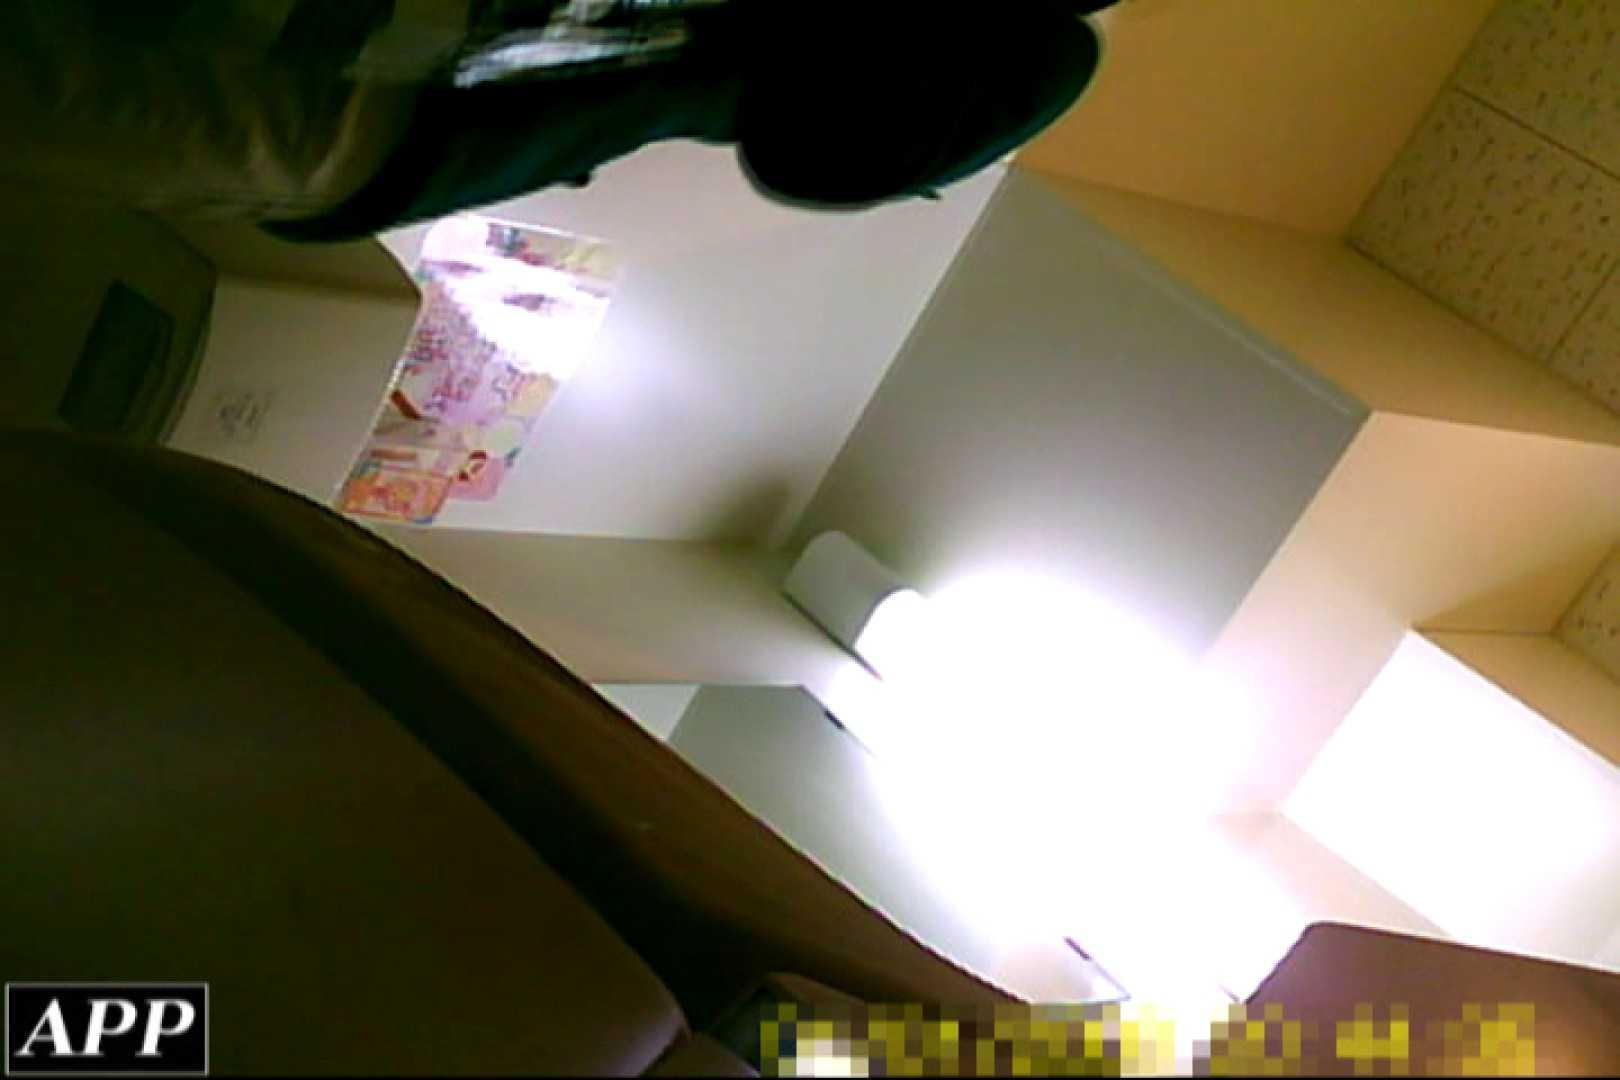 3視点洗面所 vol.087 エロいOL オメコ無修正動画無料 87枚